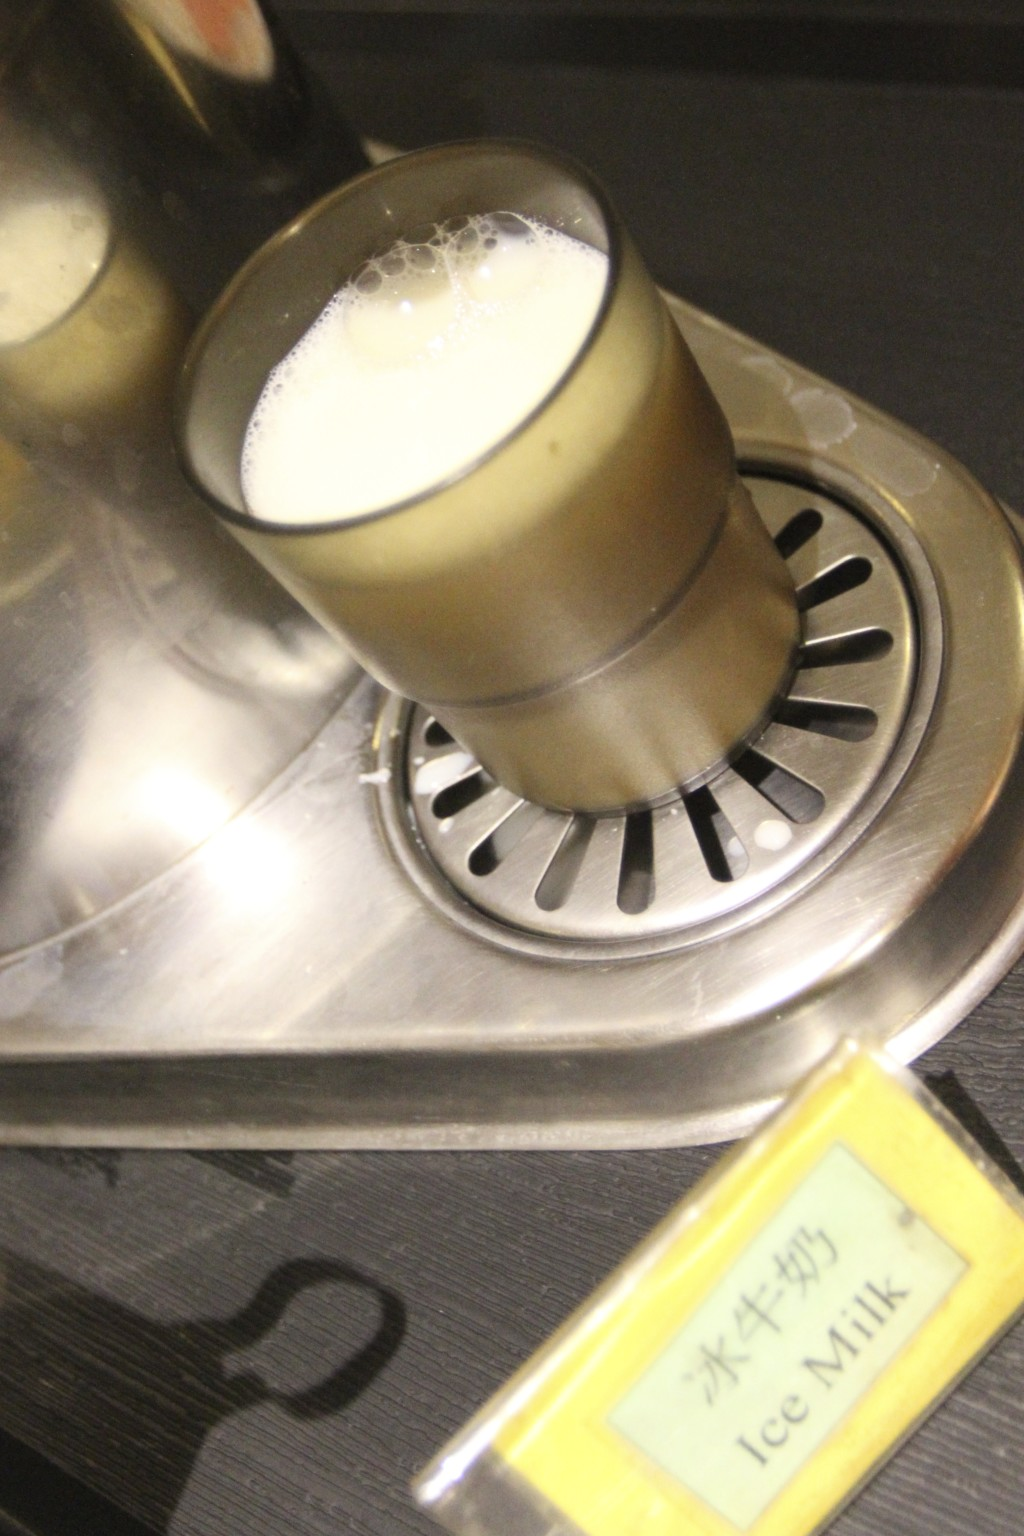 てっきり「ミルクティー」と早とちりして、サーバーから注いだら、真っ白な液体がドボドボ出て、びっくり。「冷たい牛乳」だった